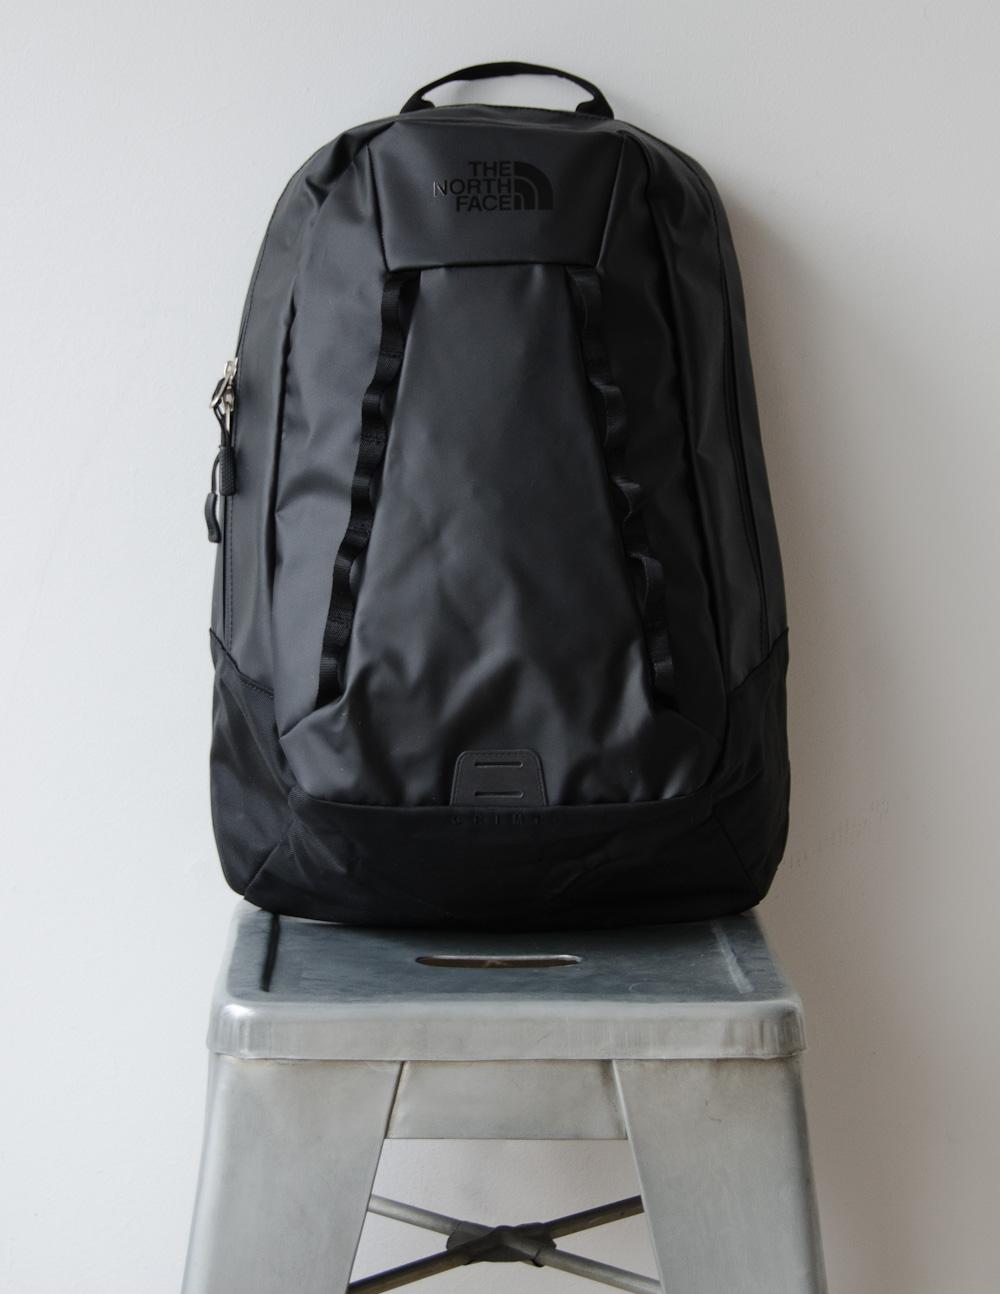 premium-picks-backpacks.jpg